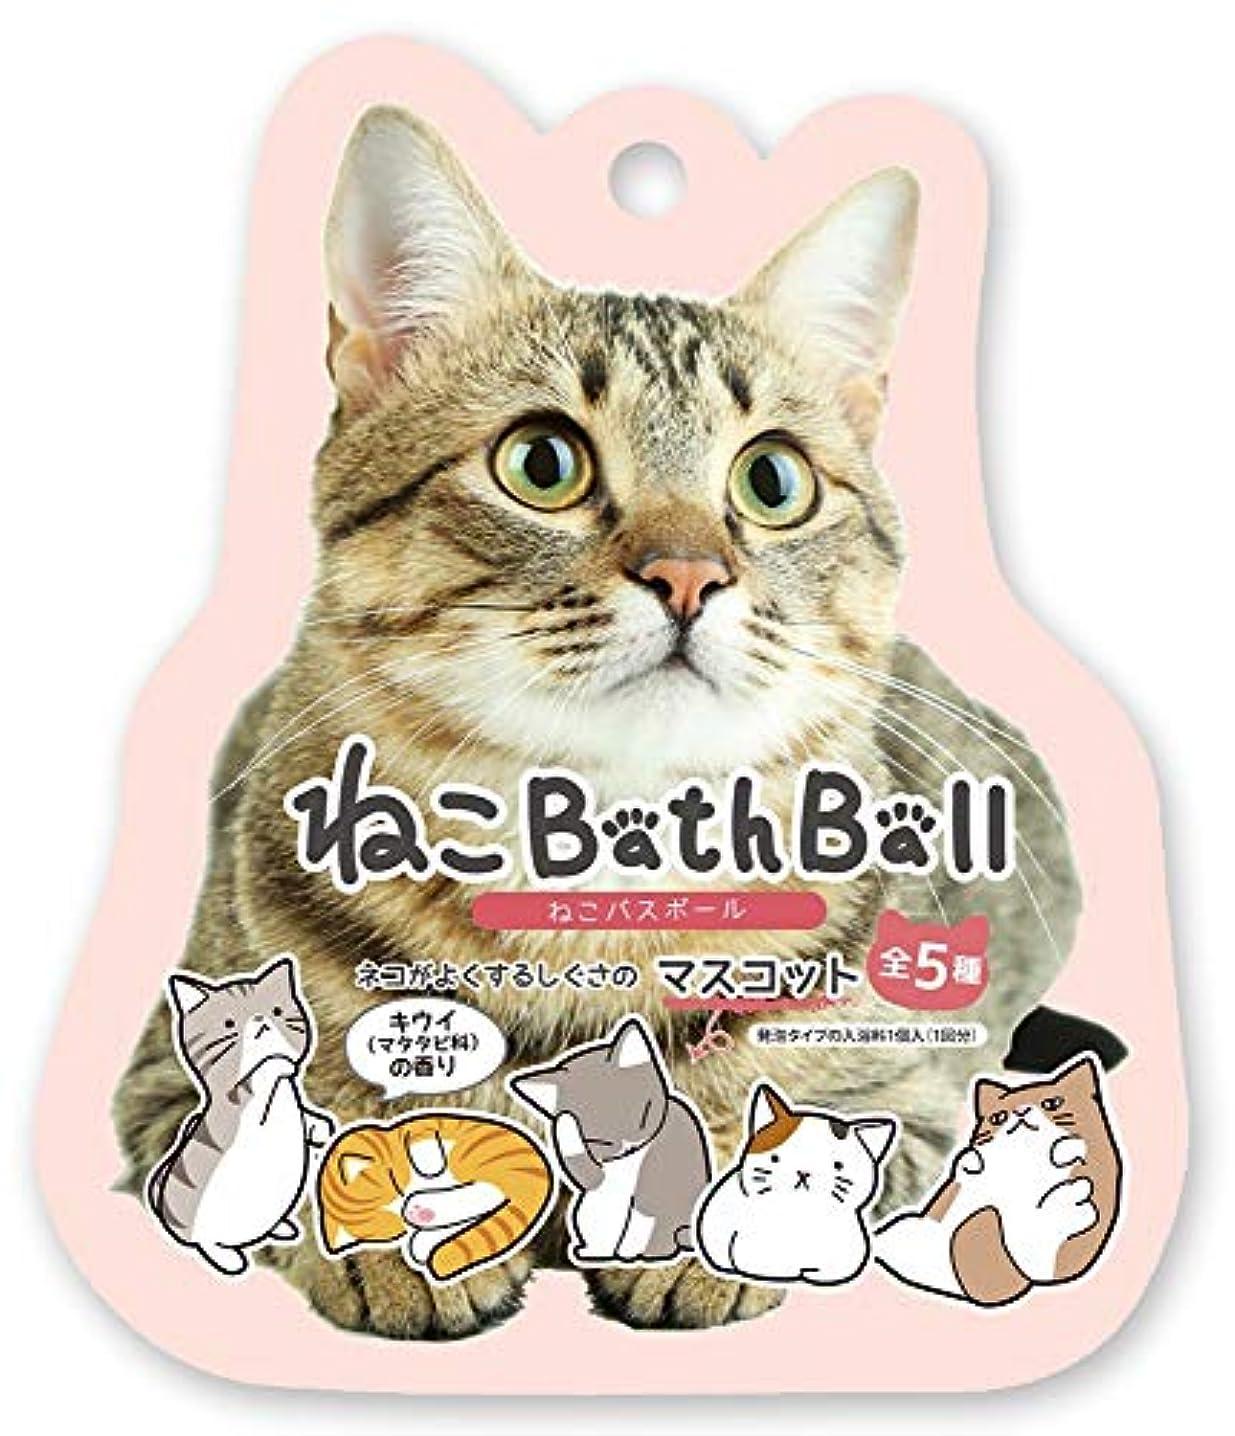 タービンばかげている道徳ノルコーポレーション 入浴剤 ねこ バスボール おまけ付き キウイの香り OB-NEB-1-1